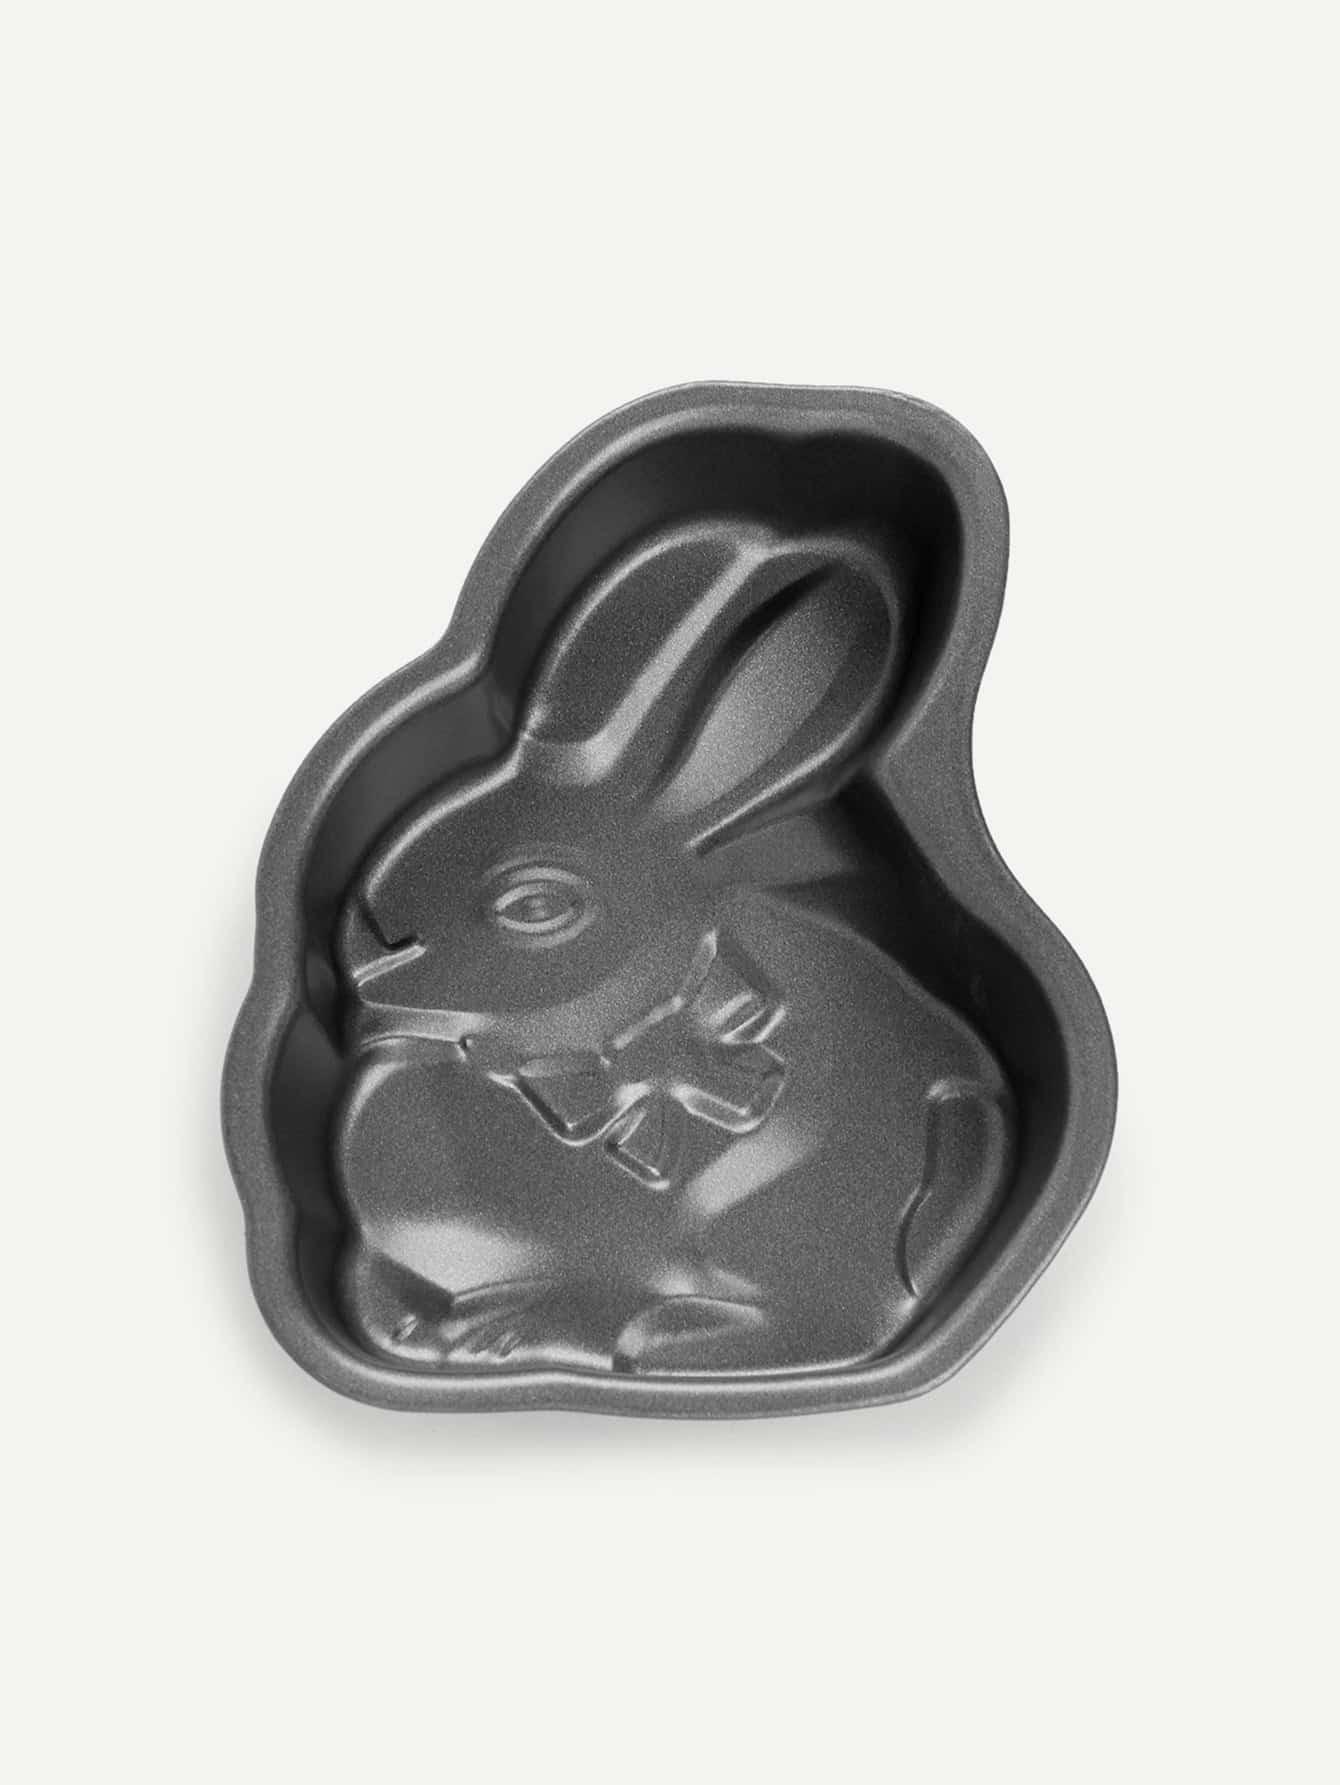 Rabbit Shaped Baking Pan